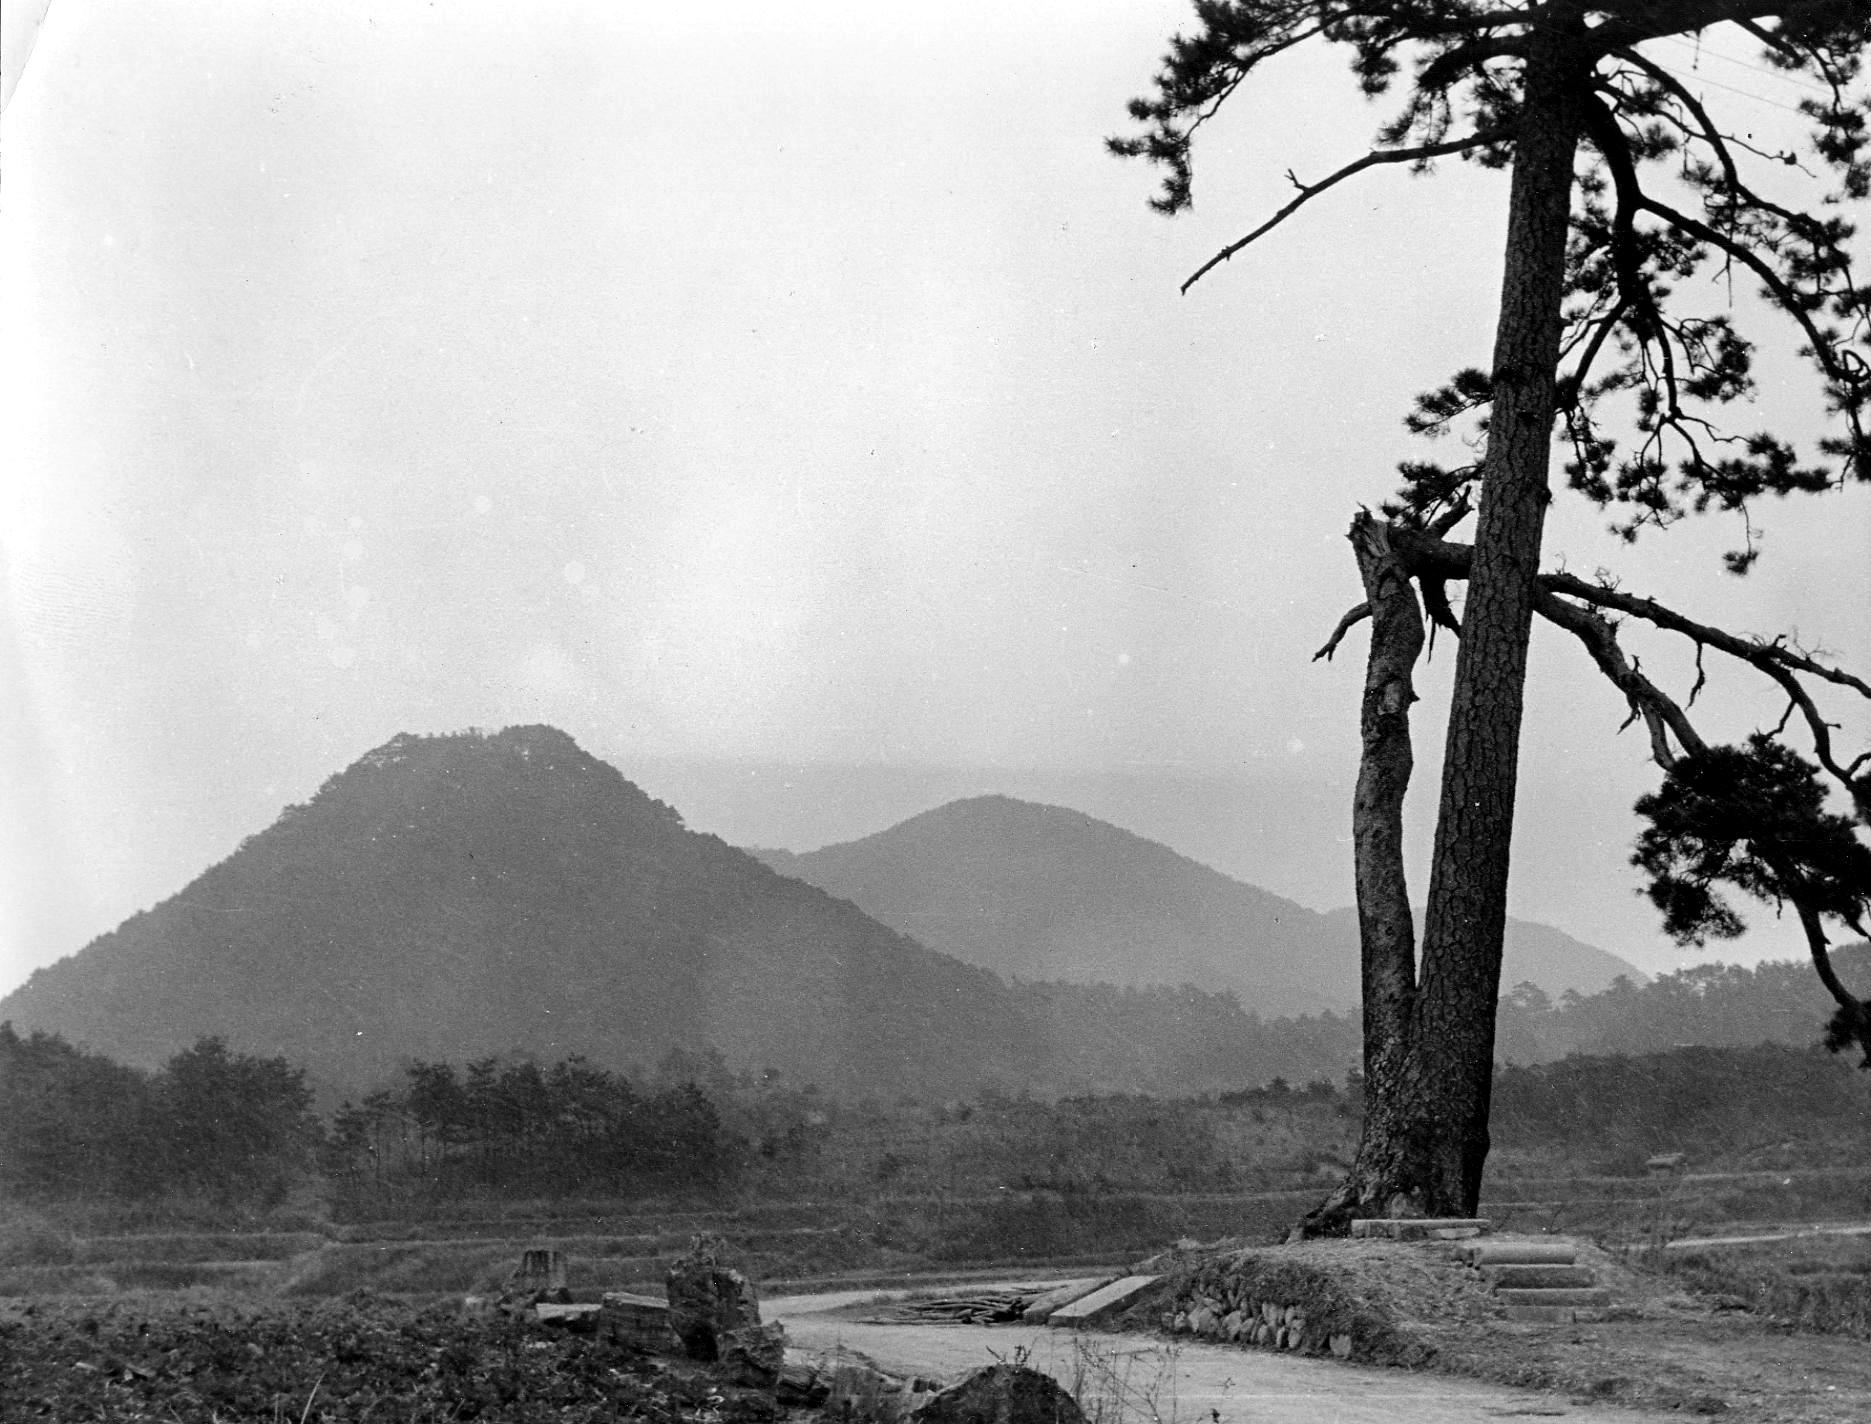 S26夫婦松と丸山